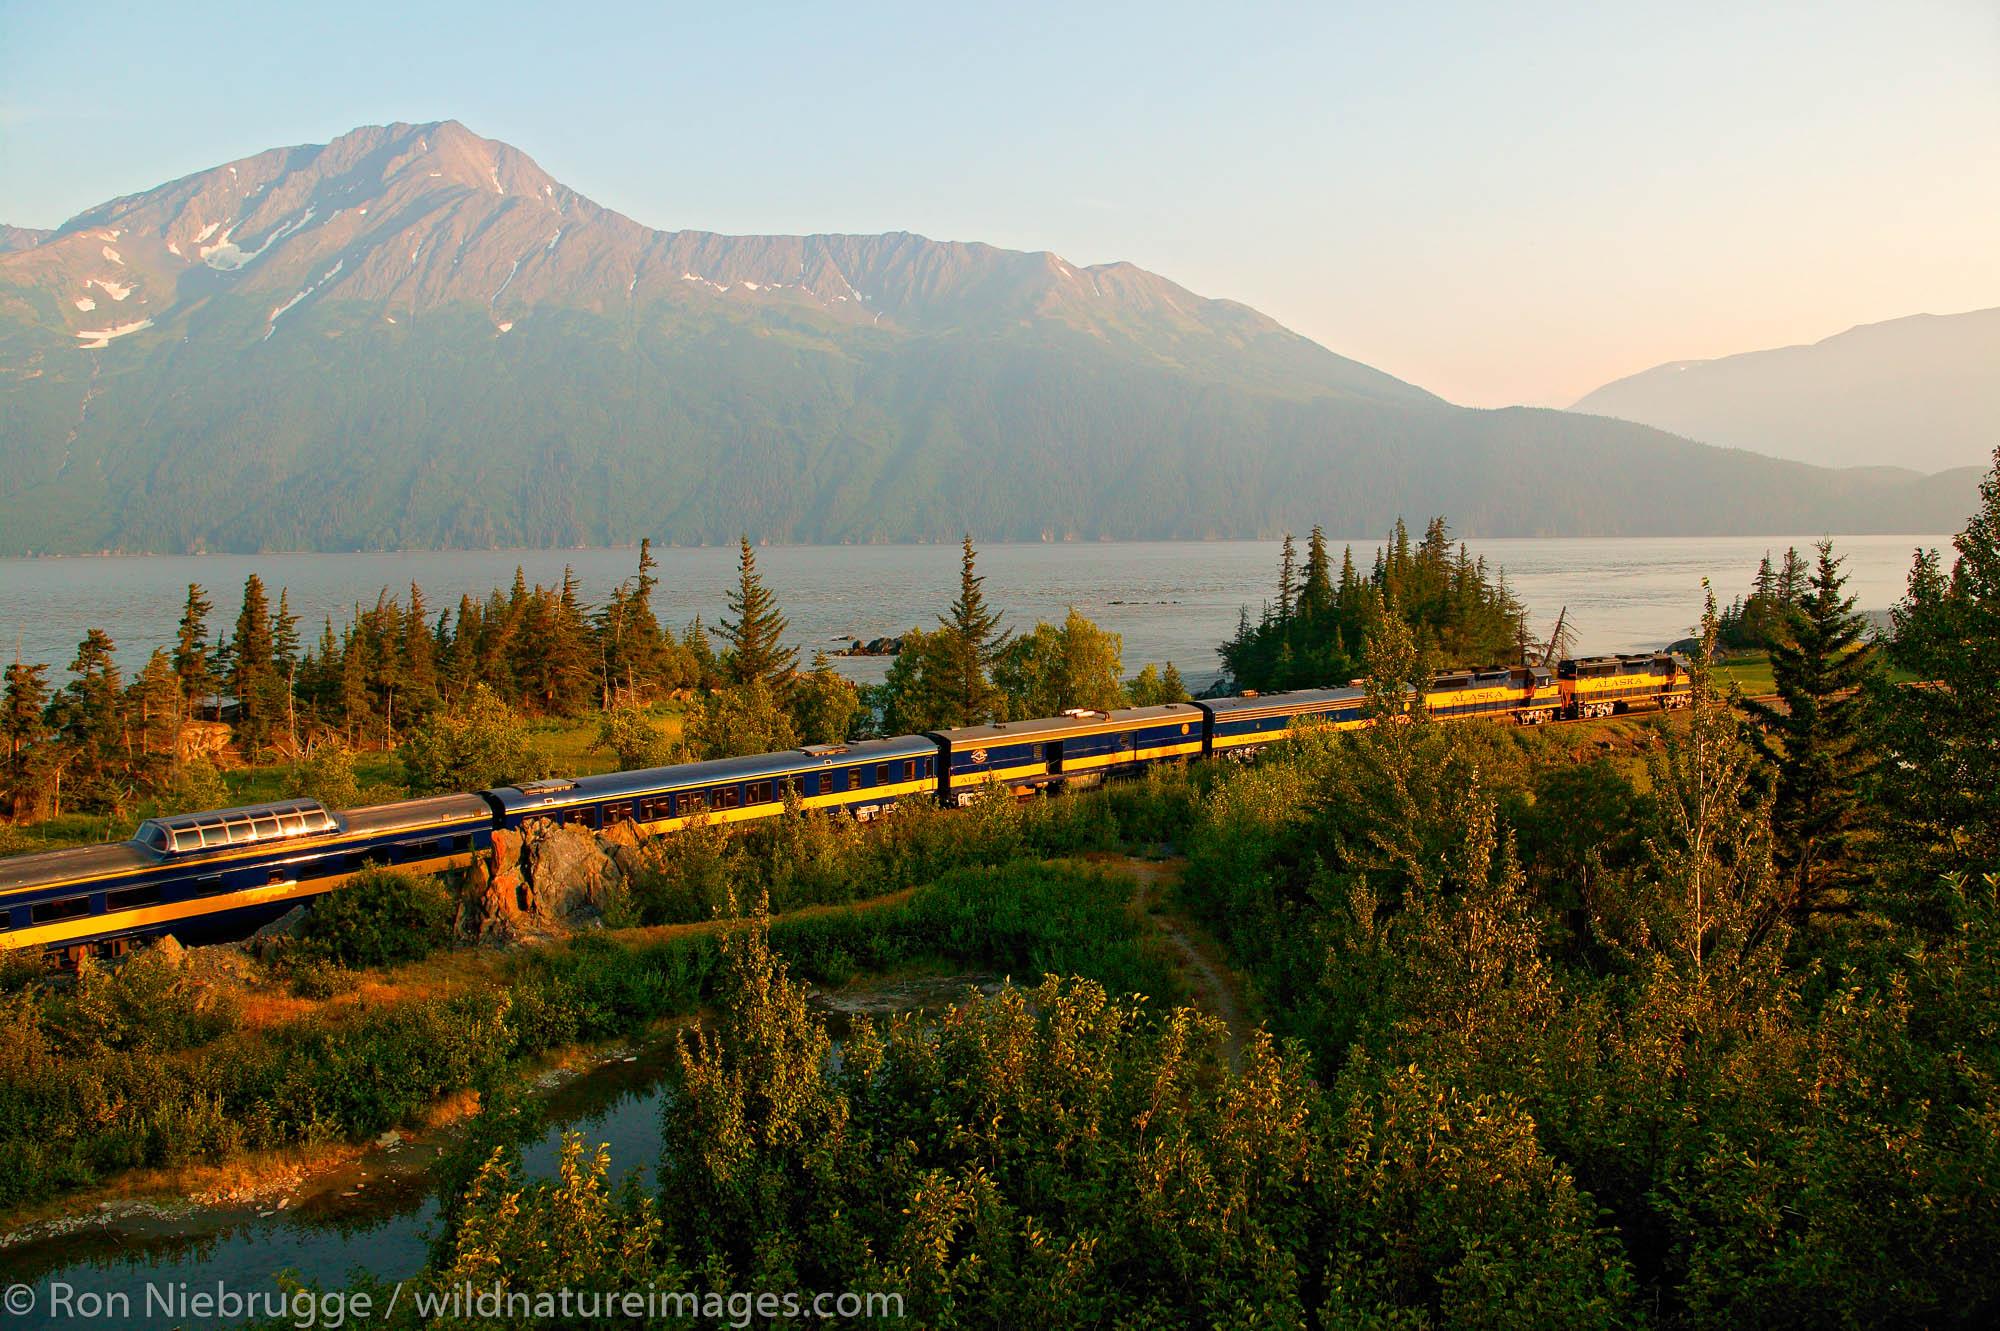 Alaska Railroad travels along Turnagain Arm on its way between Seward and Anchorage, Alaska.